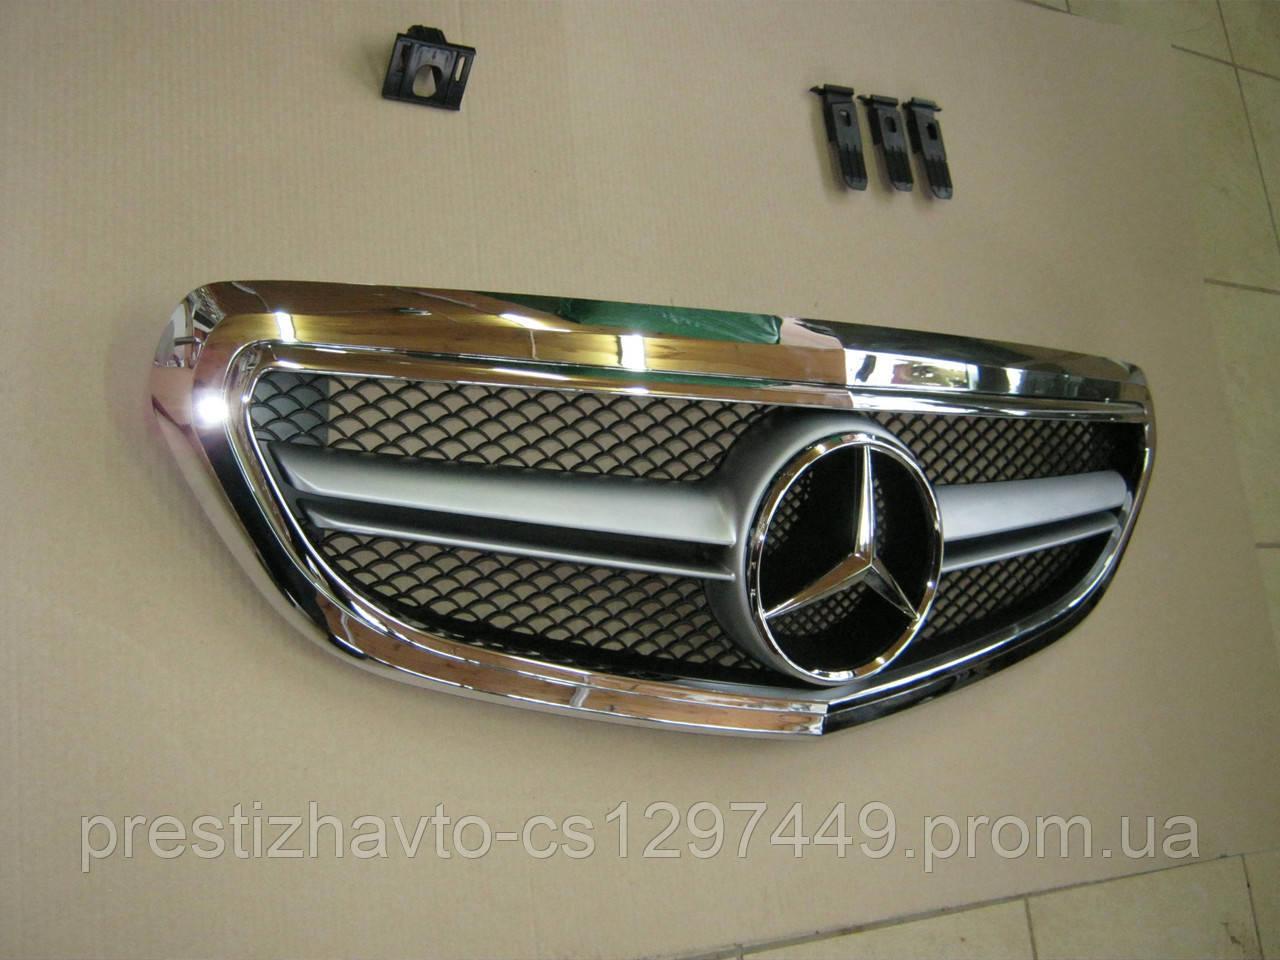 Решетка радиатора на Mercedes E-Сlass W212 с 2013 года